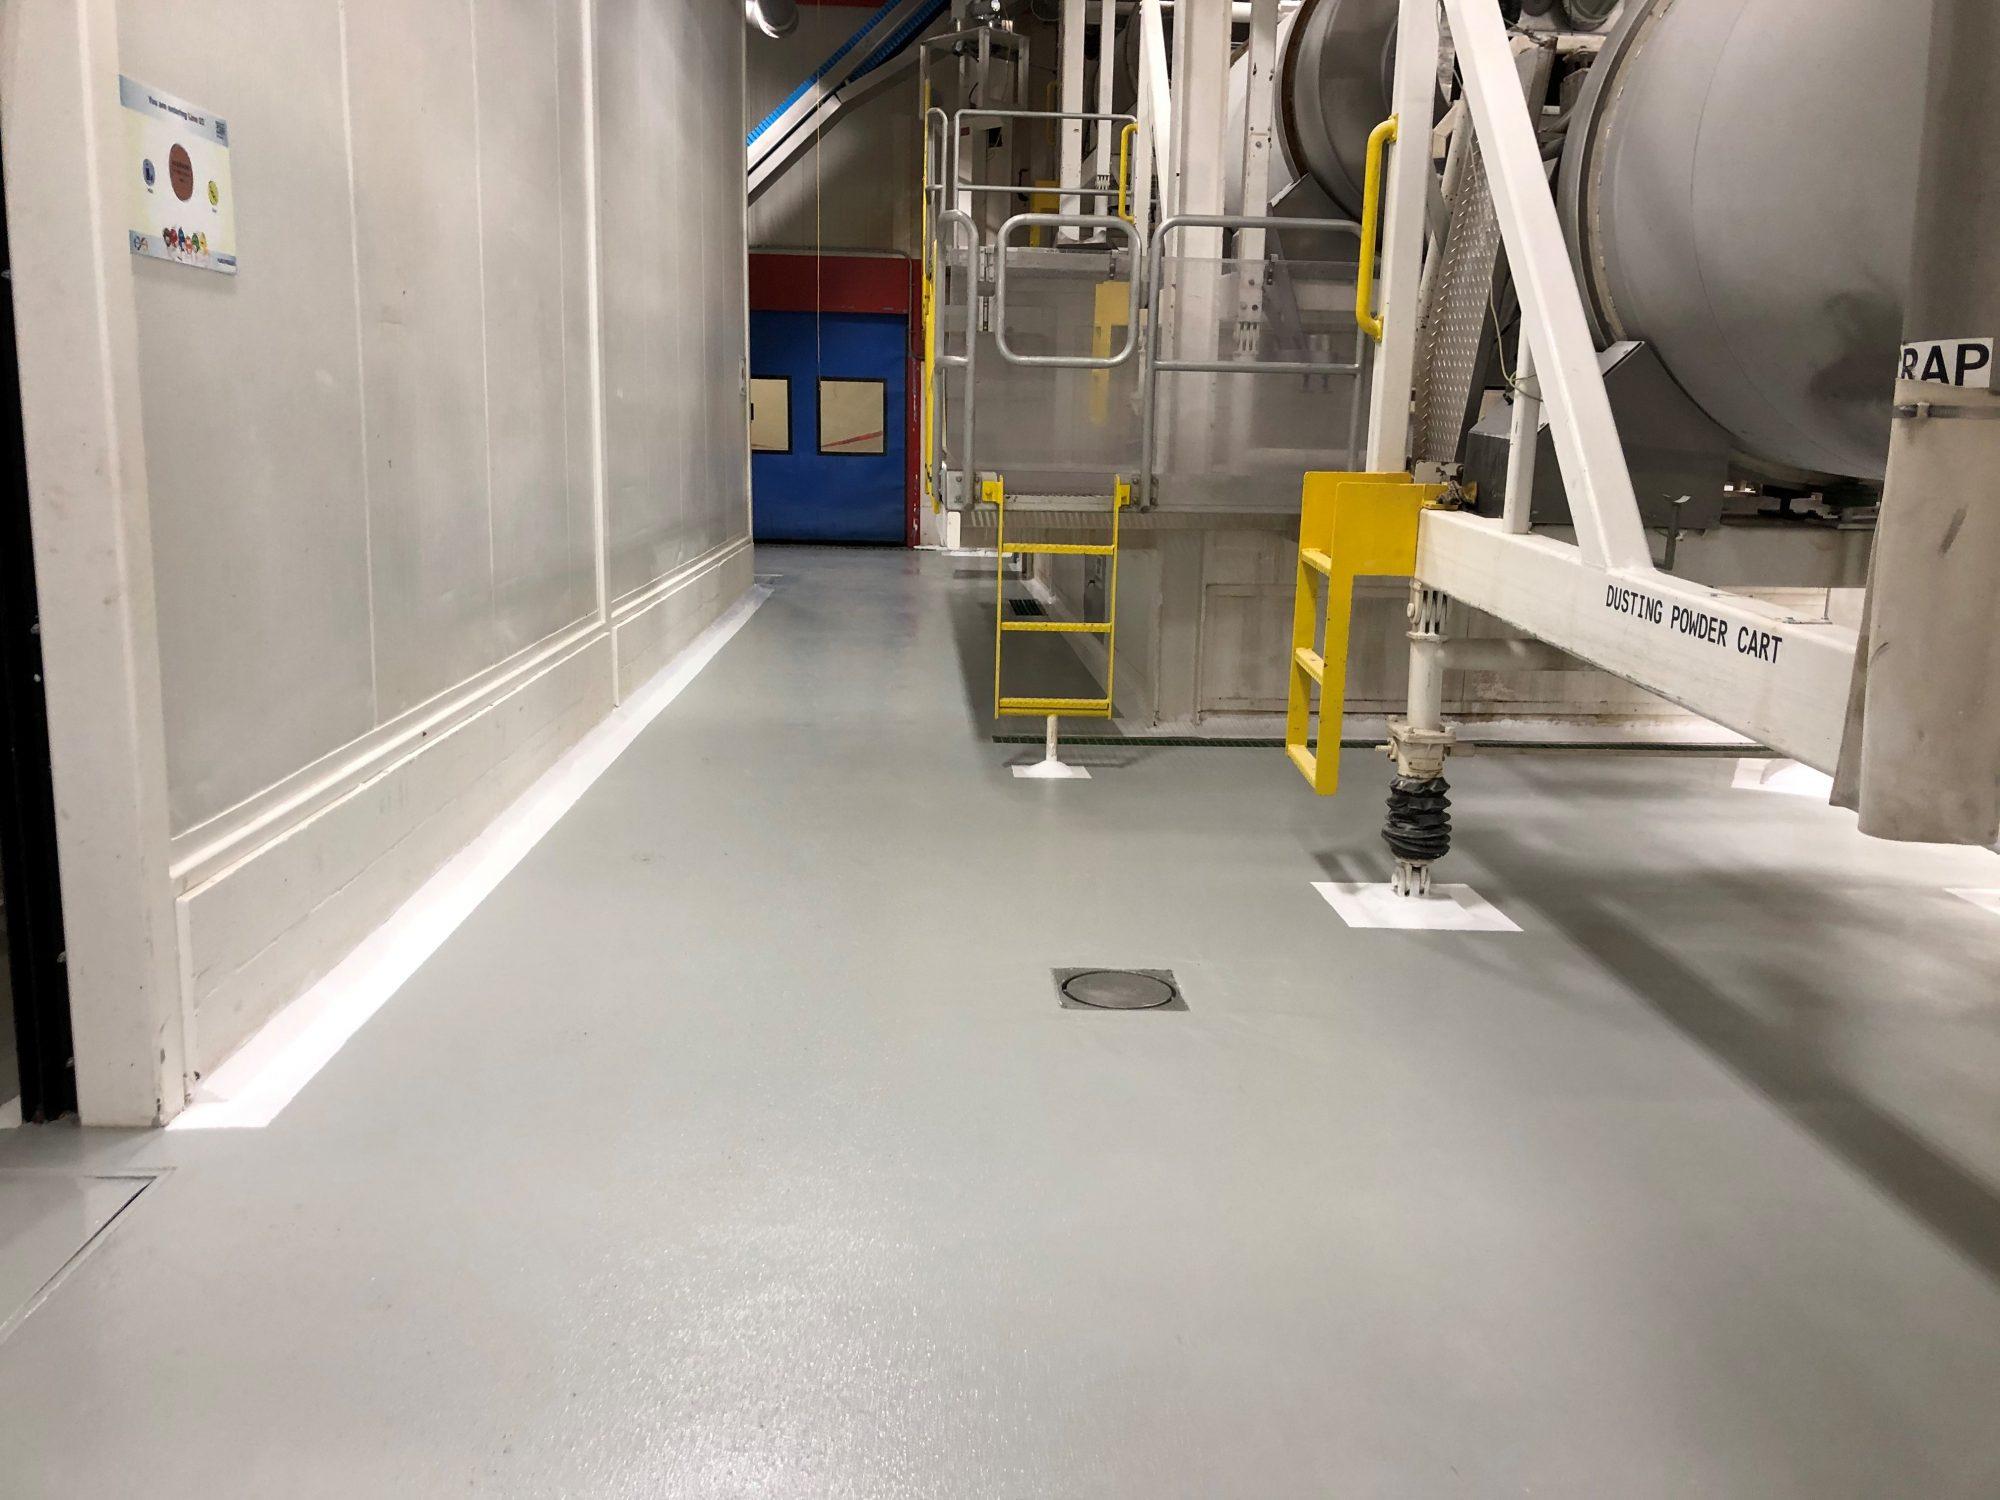 concrete floor coatings, epoxy floor coating, epoxy coatings, epoxy floor coatings, Industrial Applications, Inc., IA30yrs